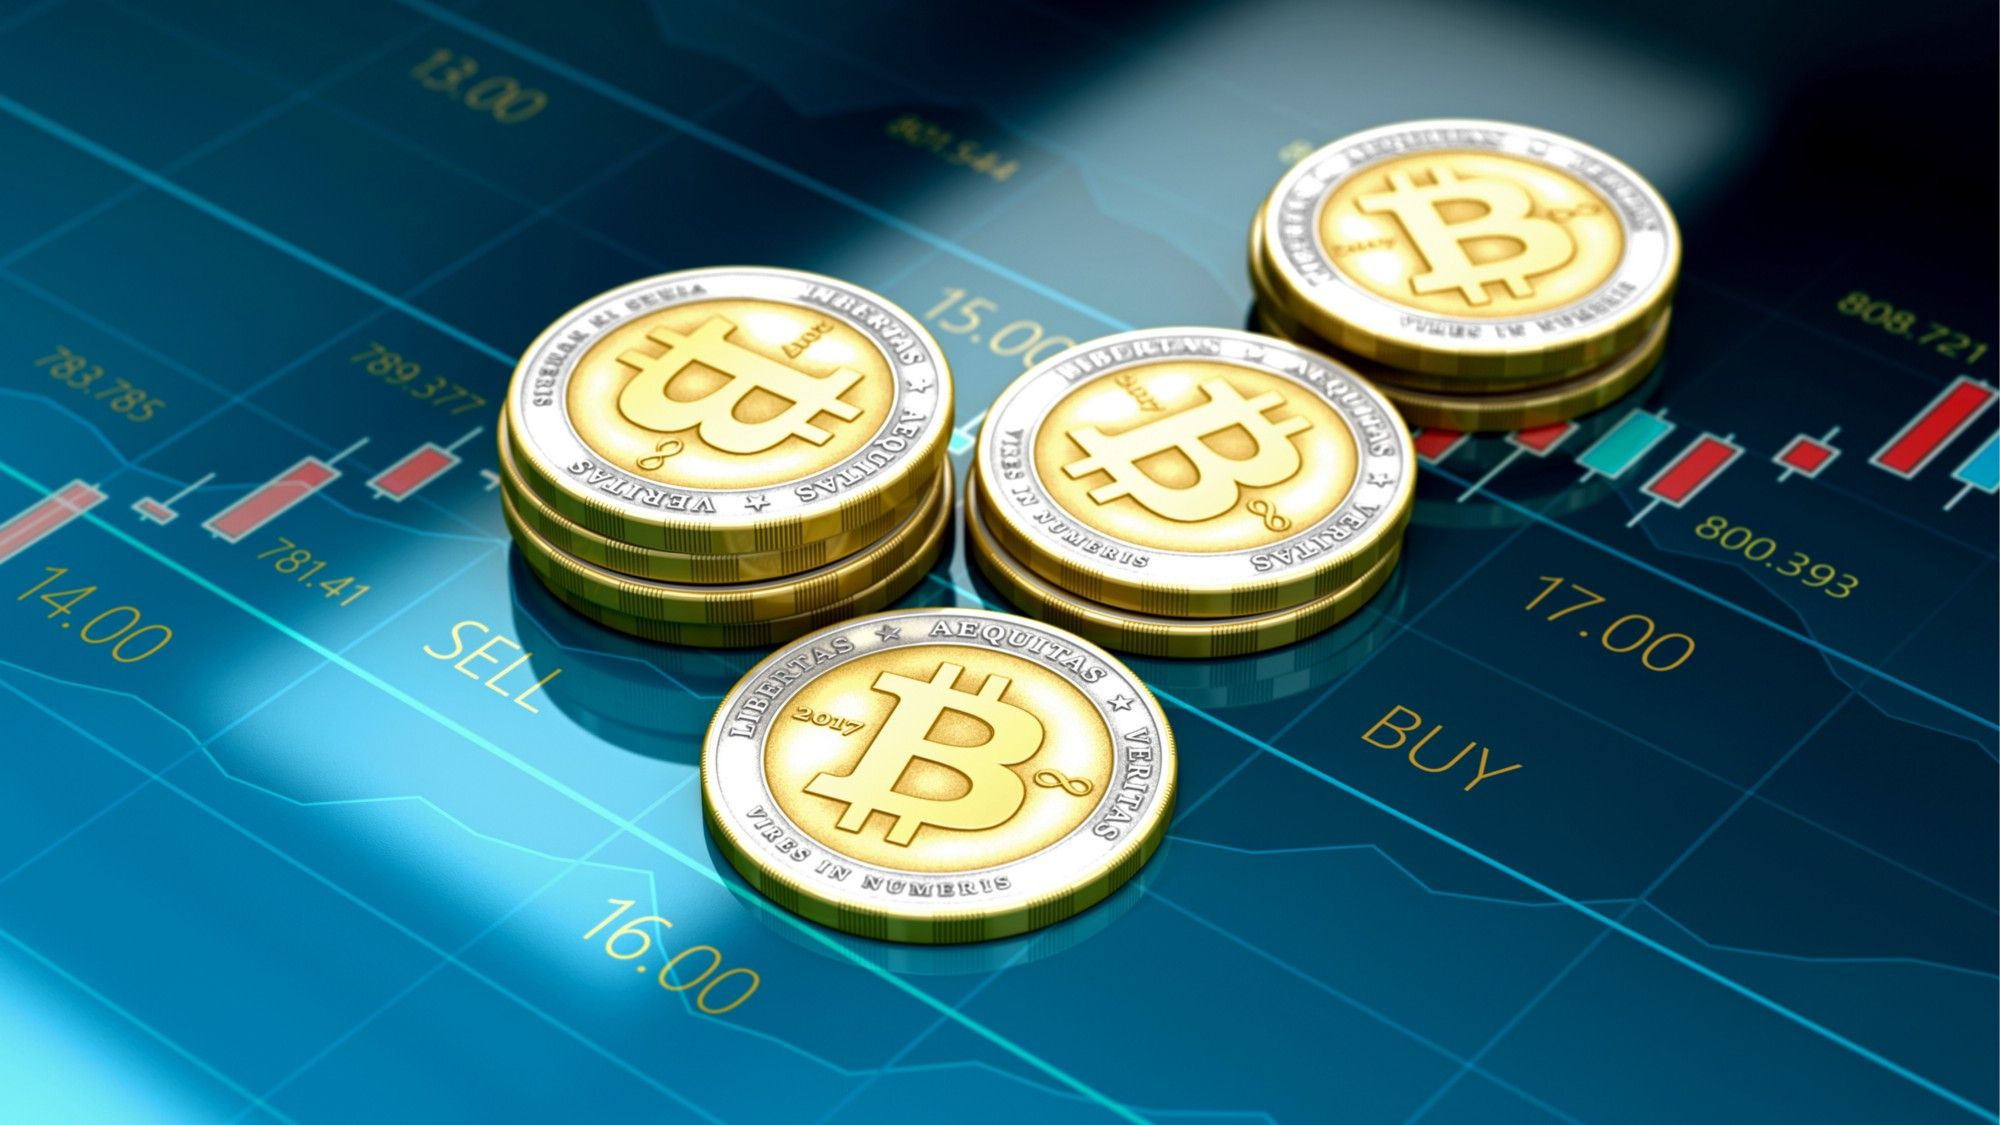 handel mit kryptowährung auf forex alte krypto-handelsseiten